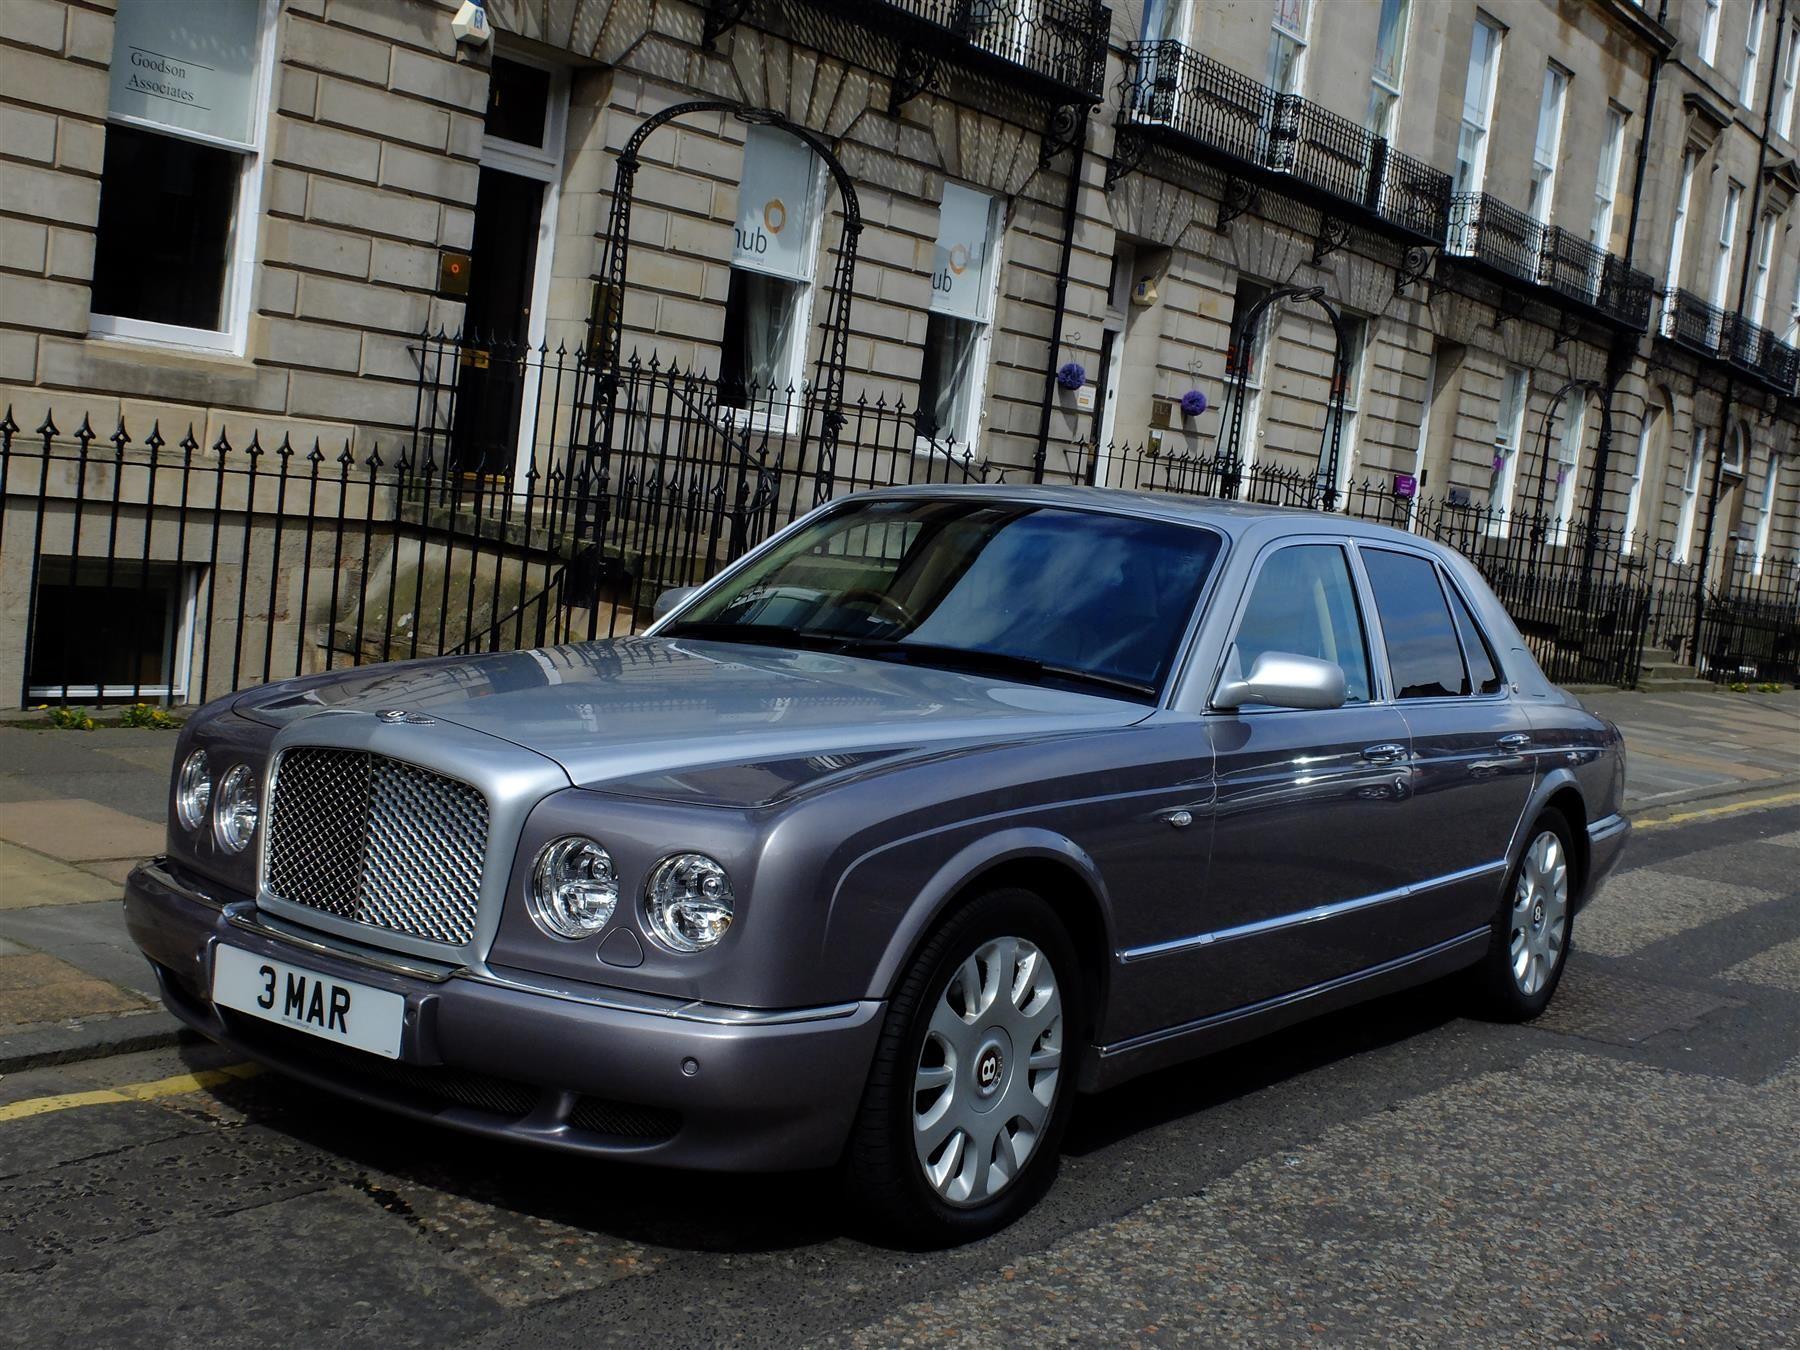 New 2012 Bentley Pontoon Boats 203 Cruise Pontoon - Elite ...  |Really Nice Bentley